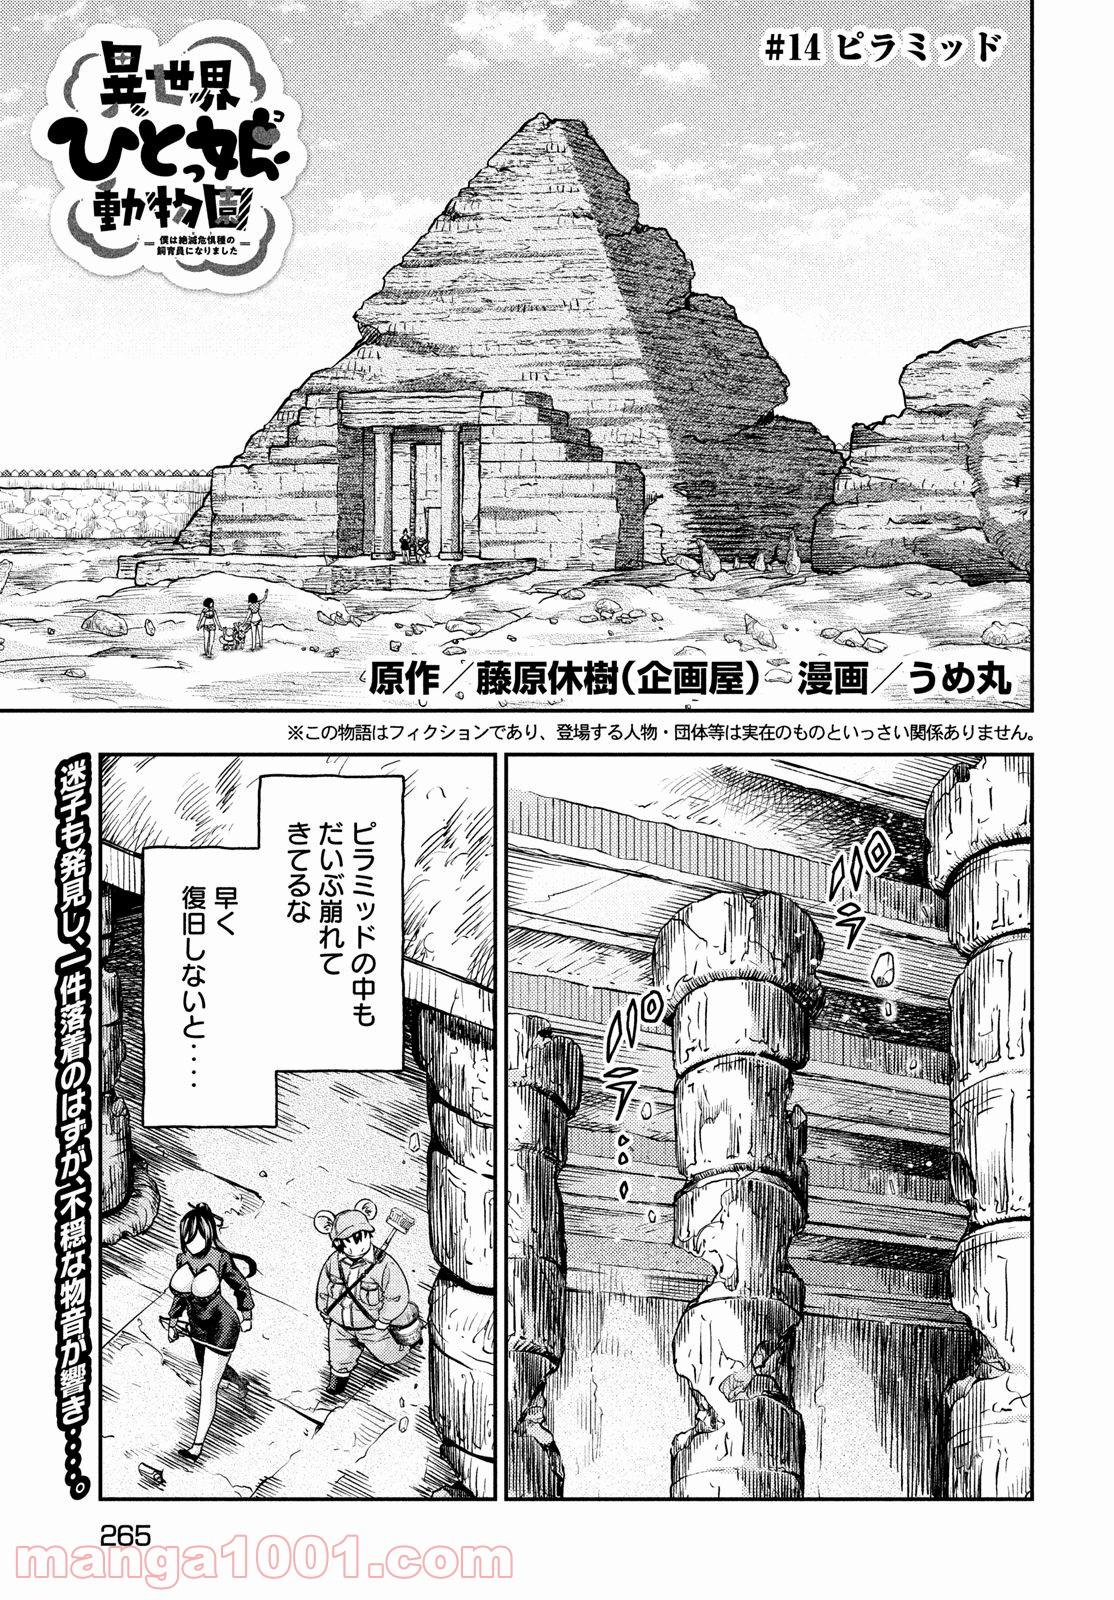 異世界ひとっ娘動物園 - Raw 【第14話】 - Manga1000.com